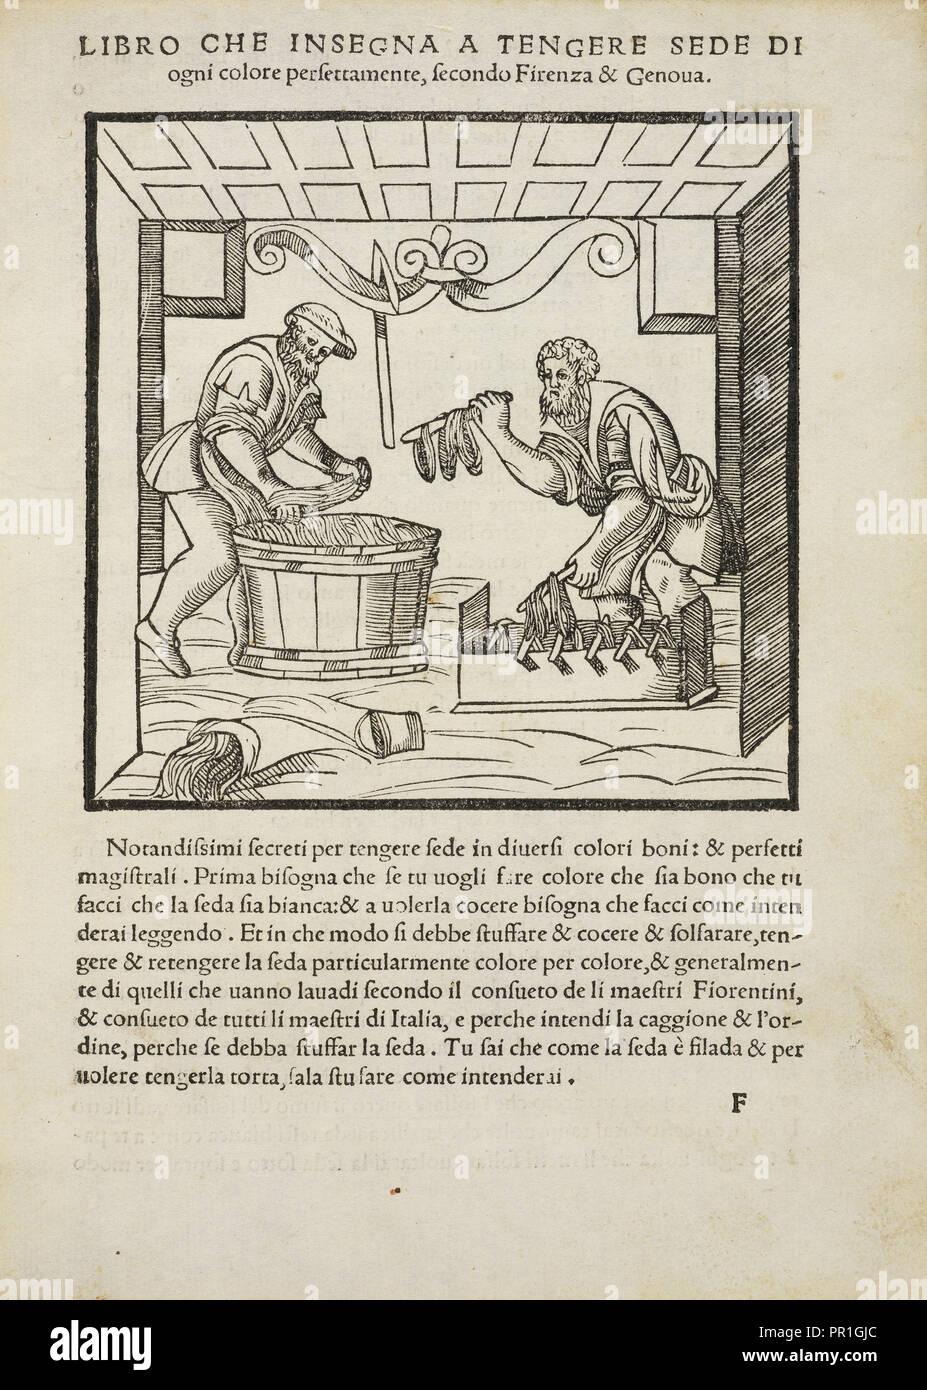 Libro che insegna un tengere sede di ogni colore perfettamente, secondo Firenza e Genova, Plictho de larte de tentori Immagini Stock